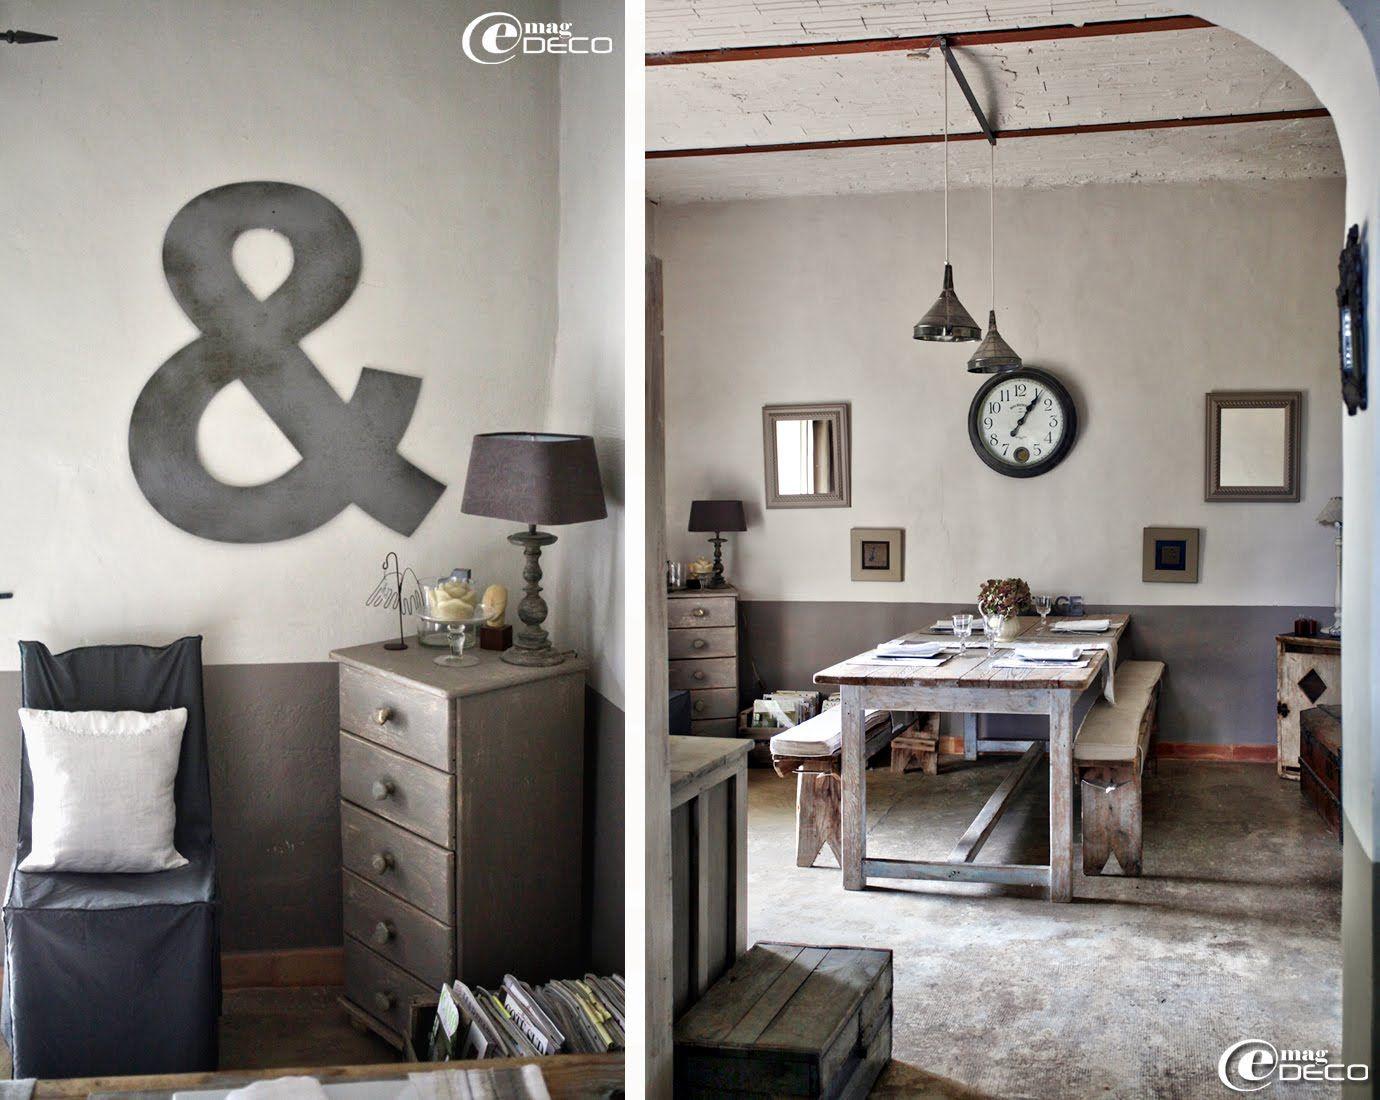 Salle manger habill e d un cama eu de gris et blanc dans un esprit r cup et brocante - Deco maison recup ...